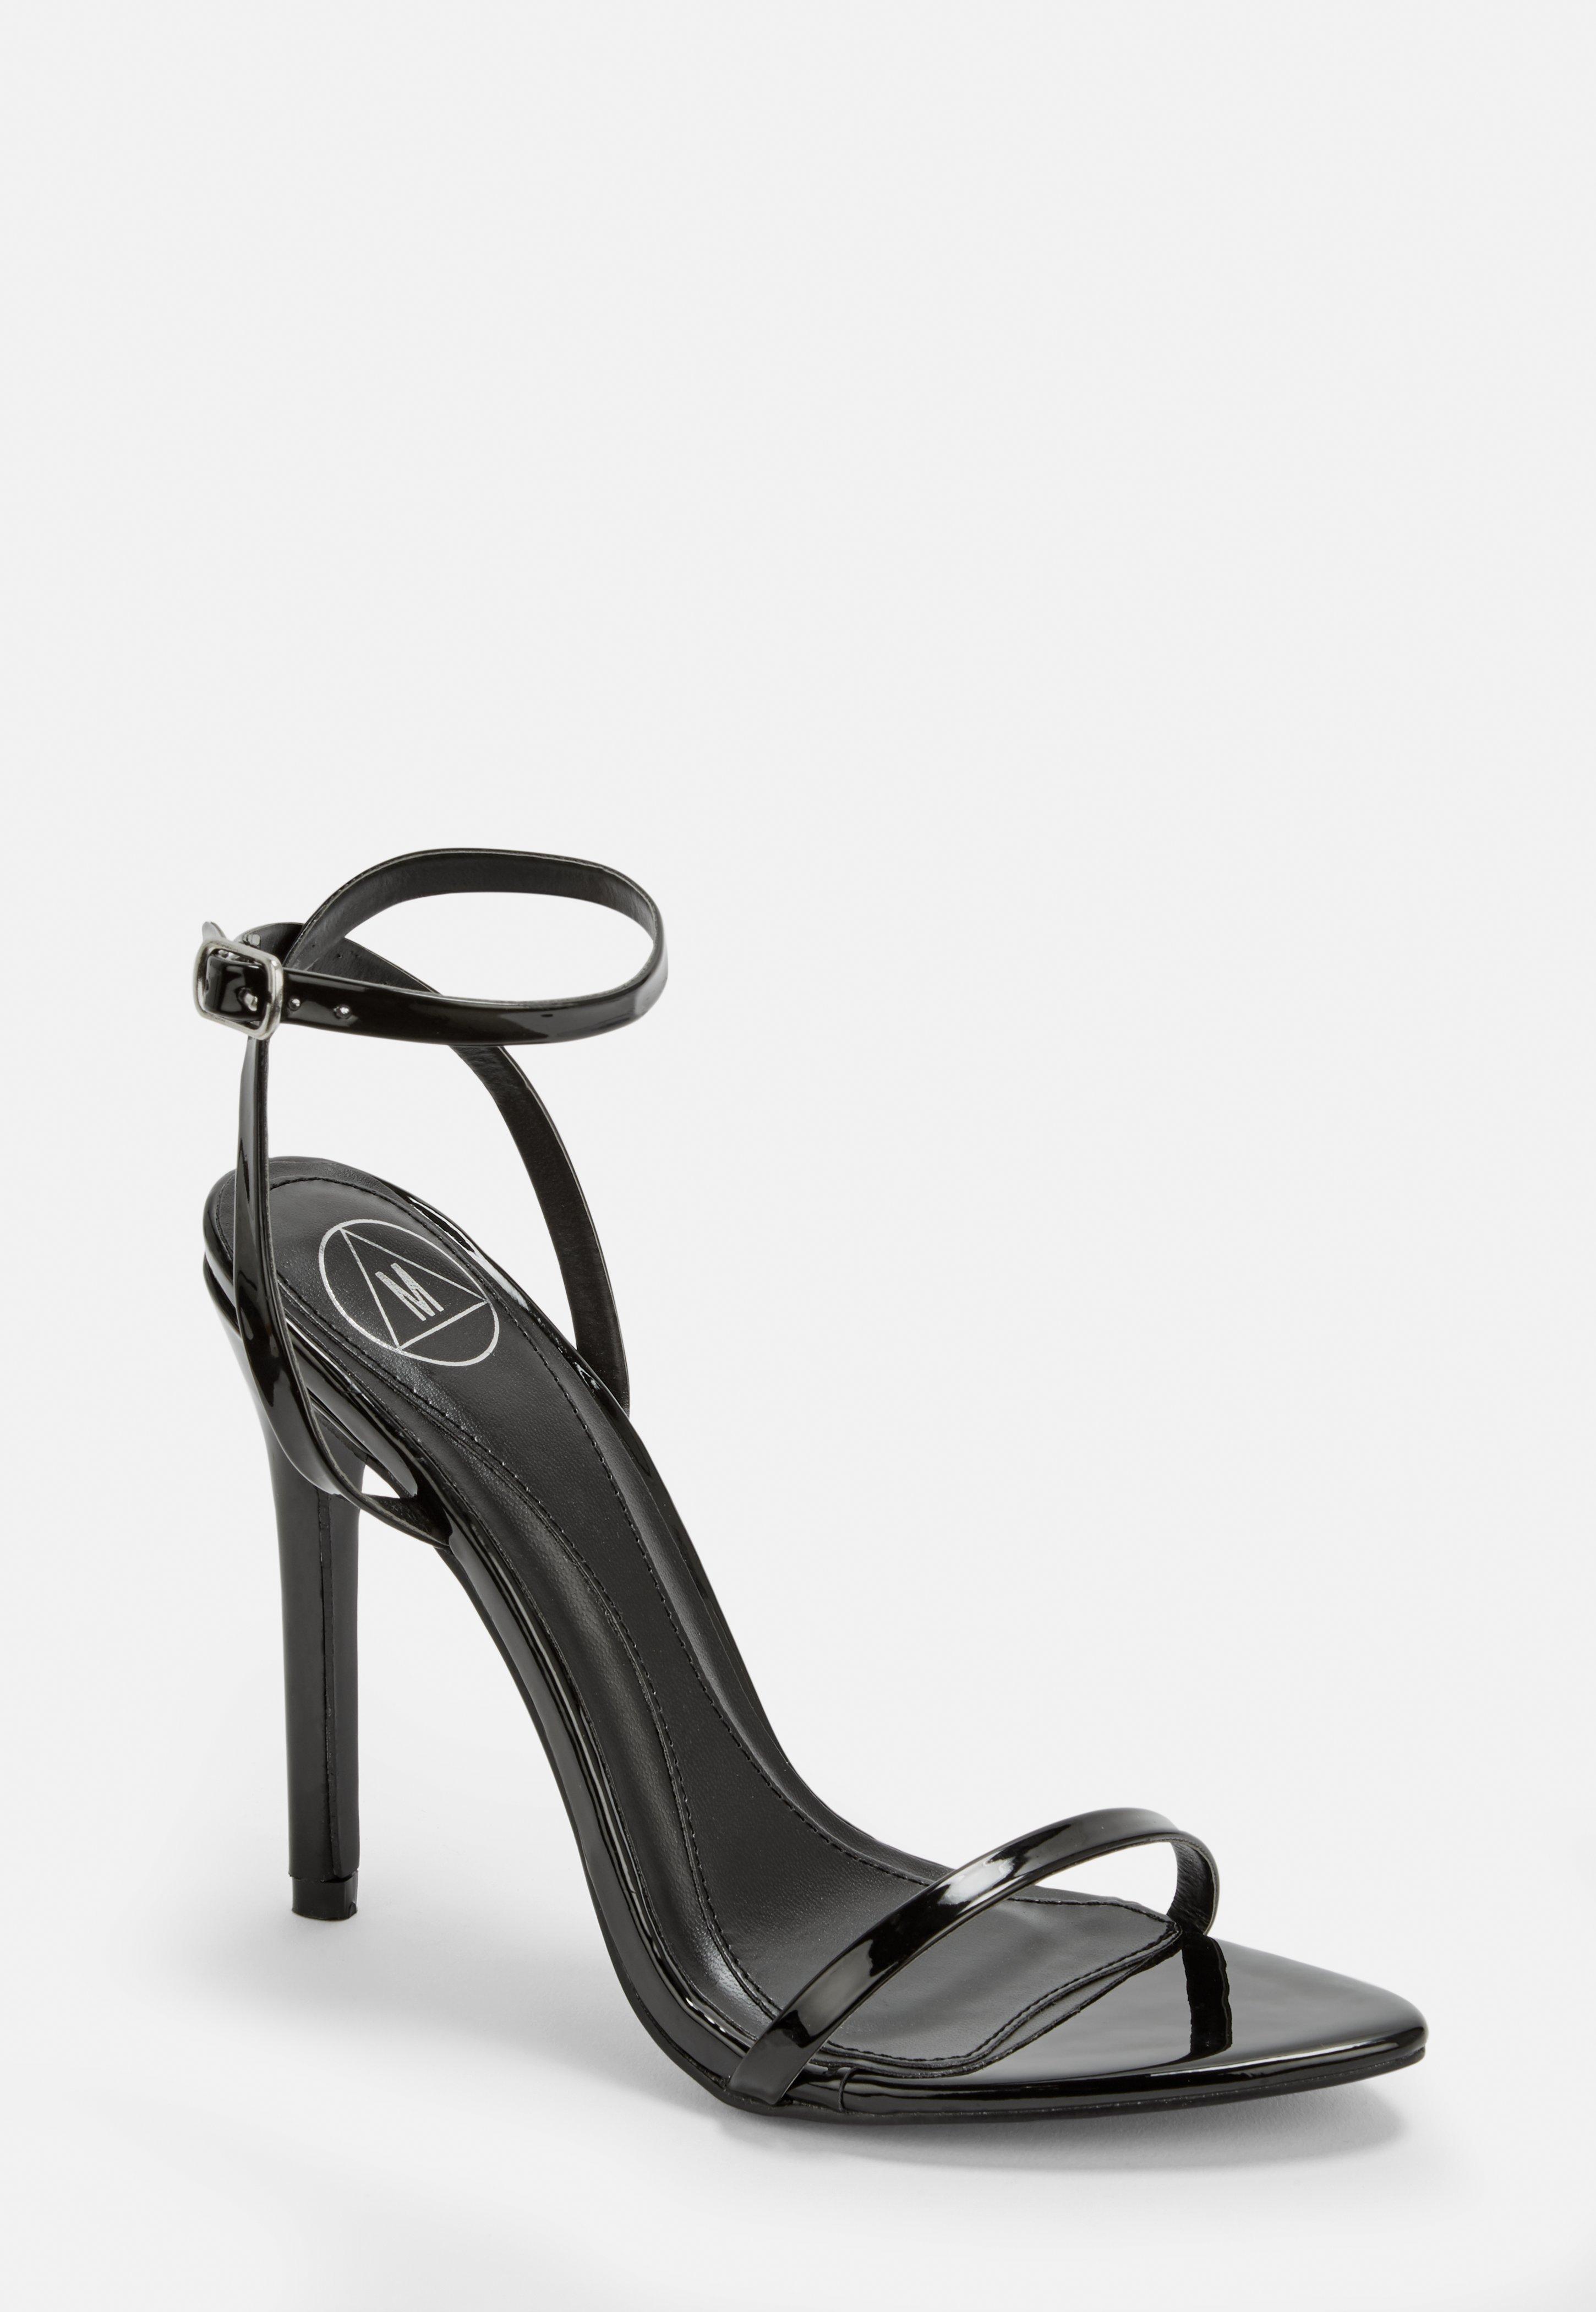 High Heels - Hohe Schuhe und Stilettos online kaufen - Missguided DE f94fa1ef78